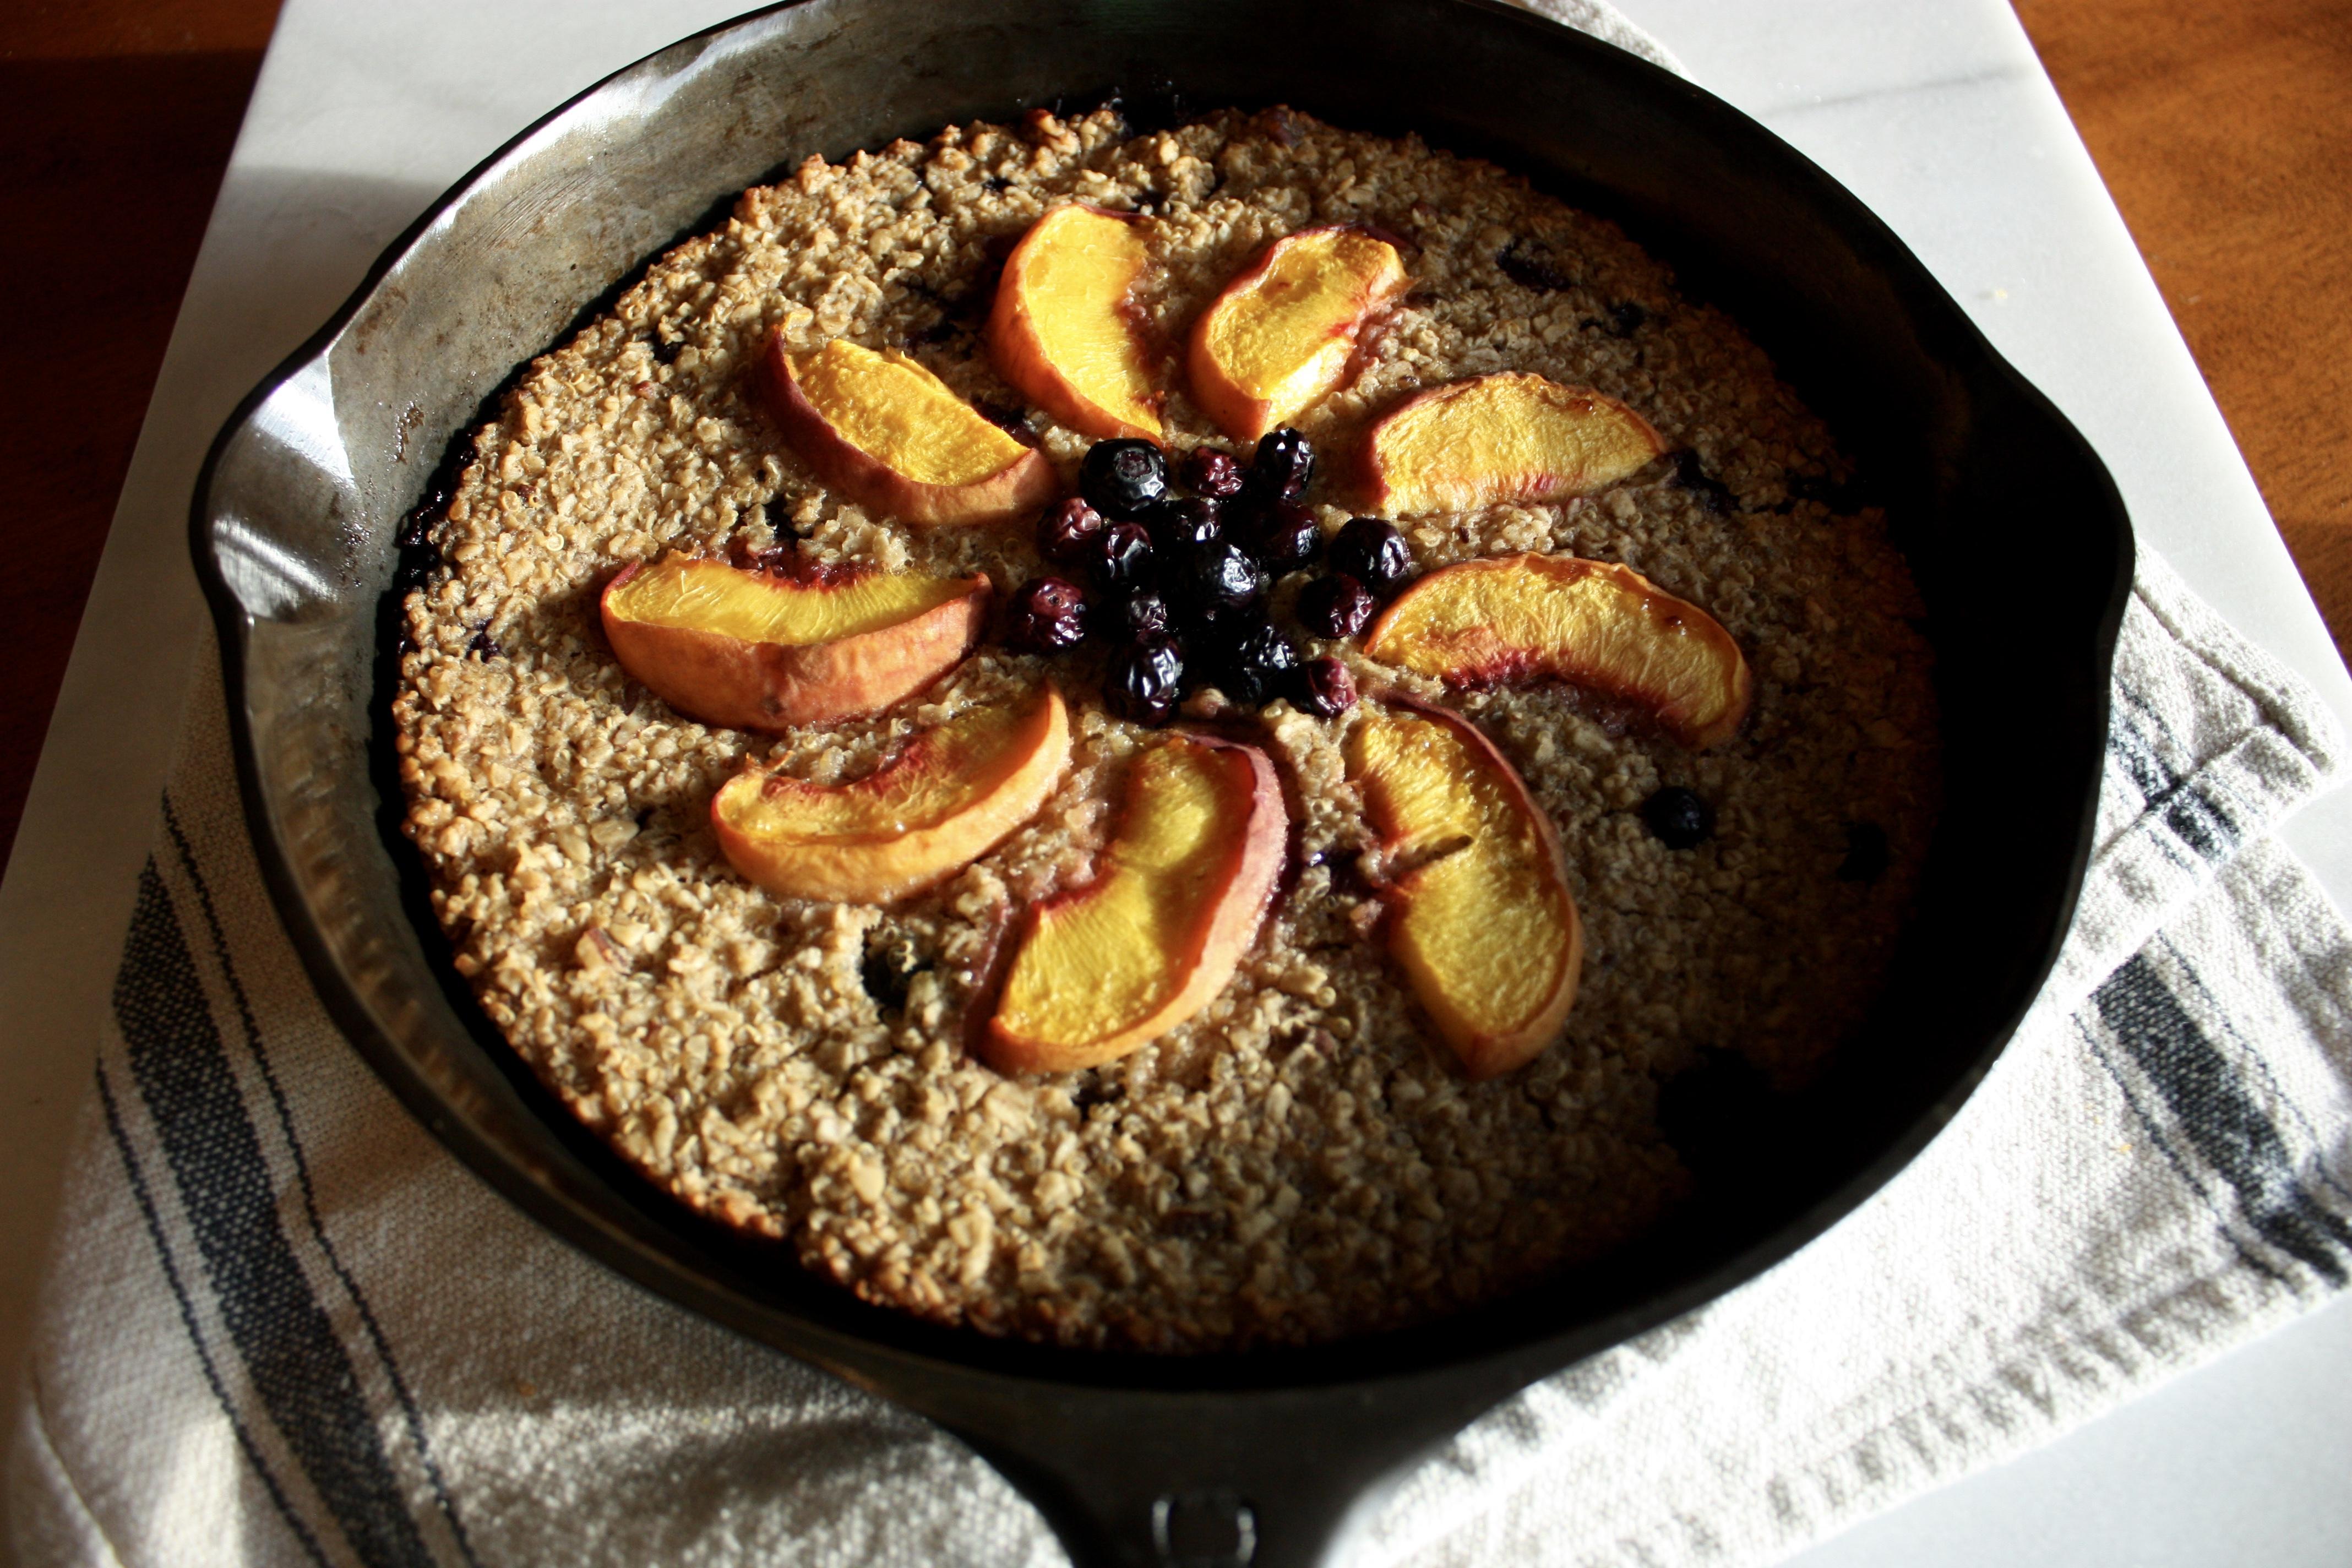 Oats & Fruit Breakfast Bake